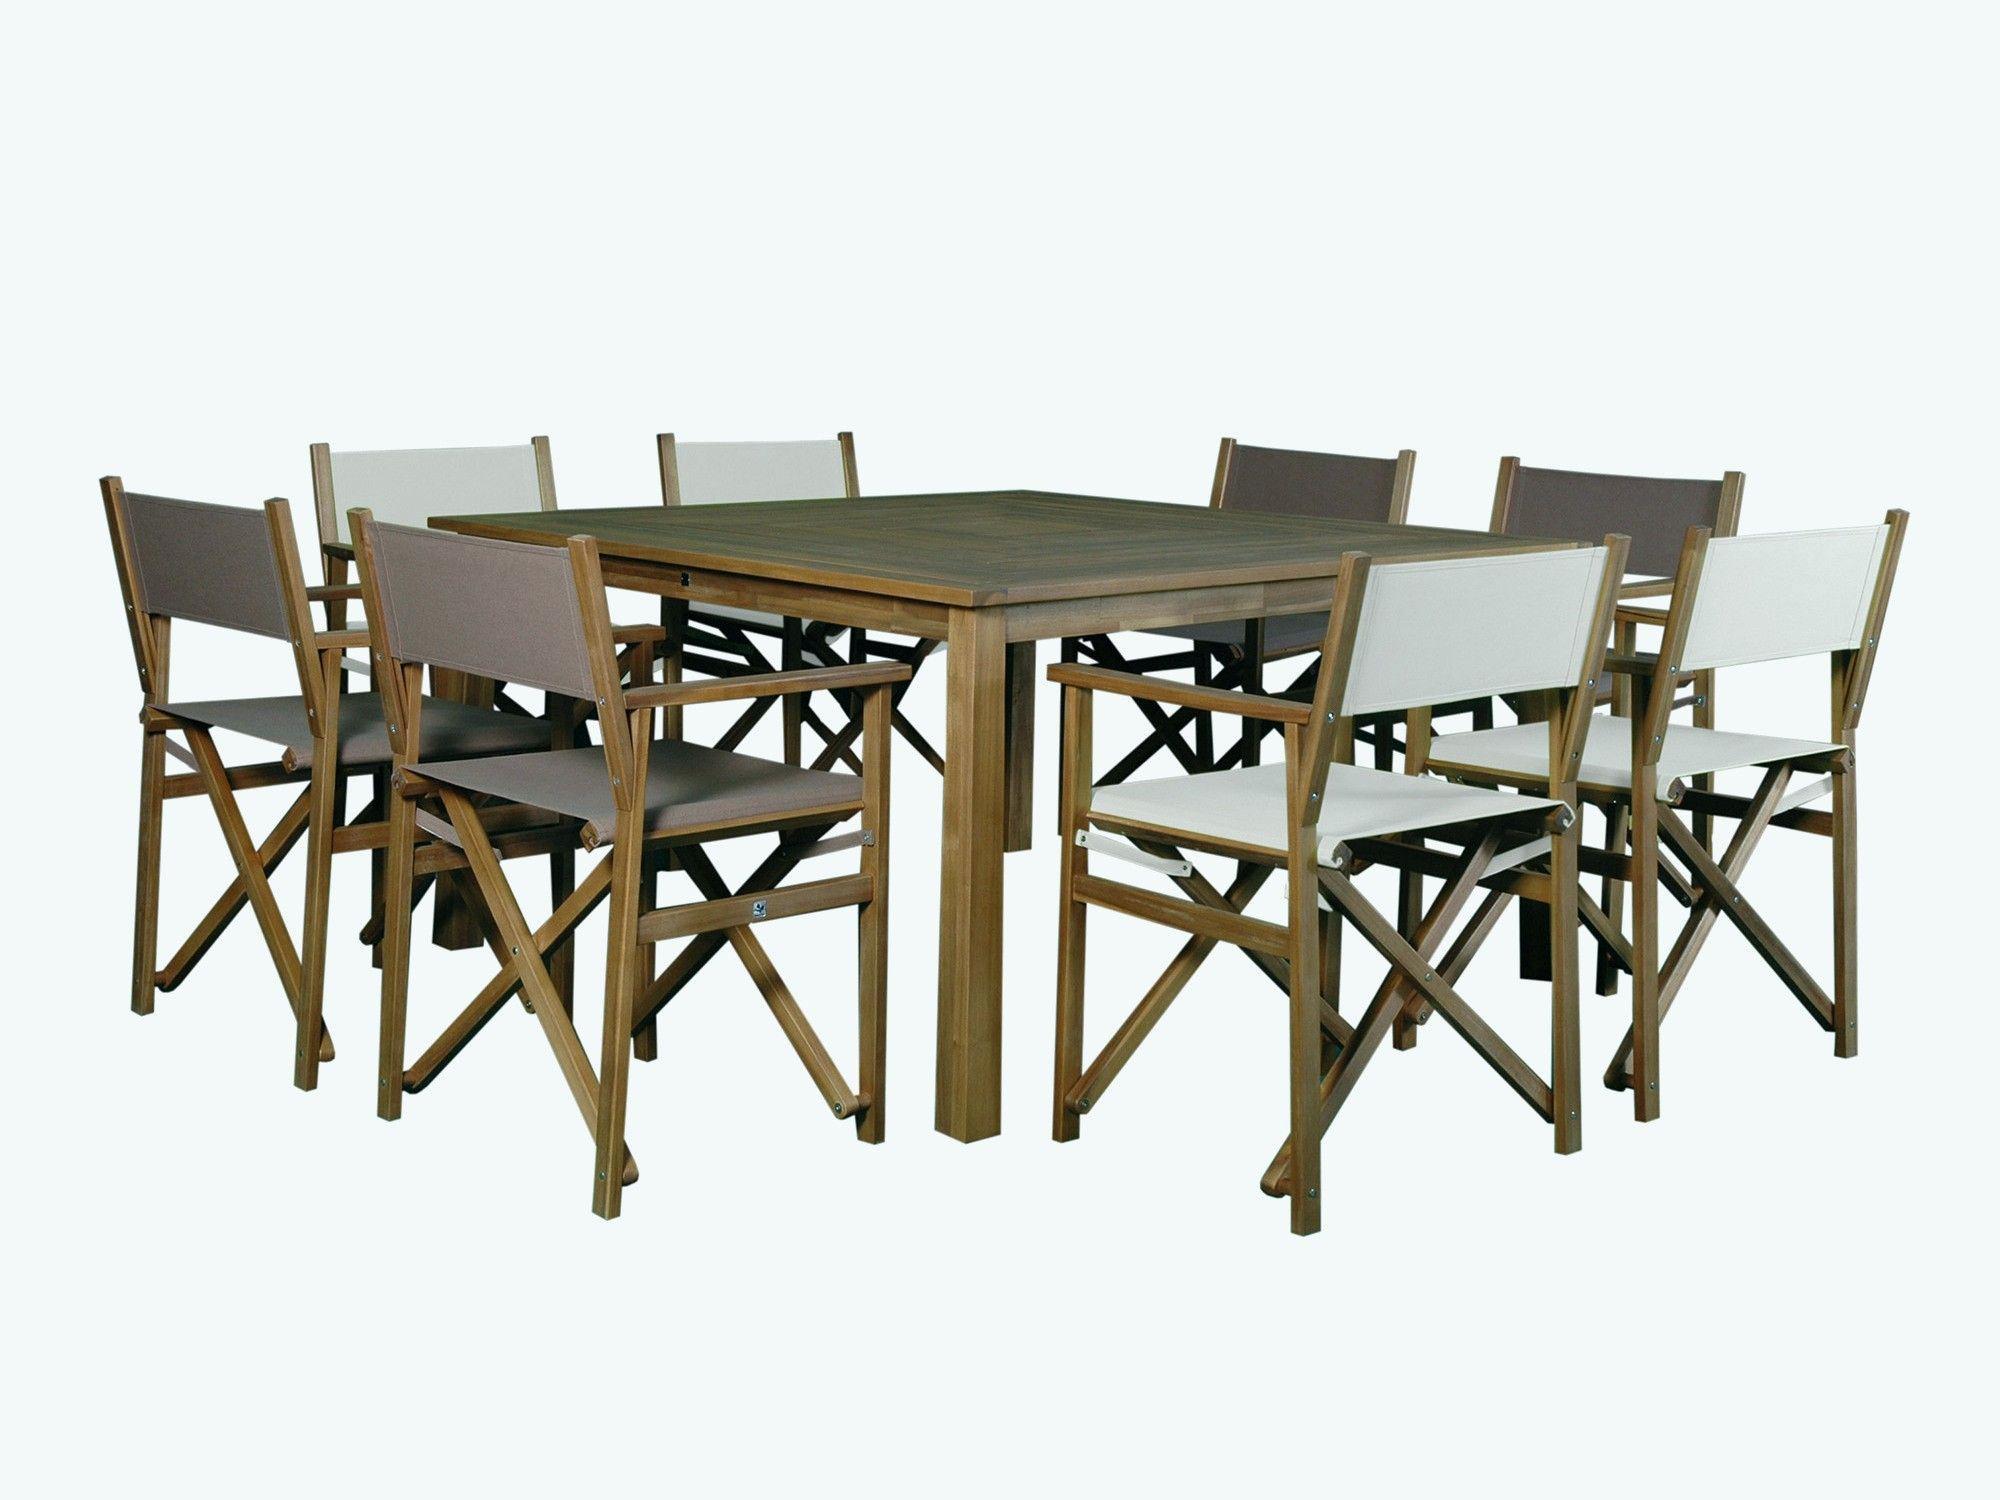 Leroy Merlin Salon Jardin Resine Nouveau Elégant Table ... intérieur Salon De Jardin Leroy Merlin Promo